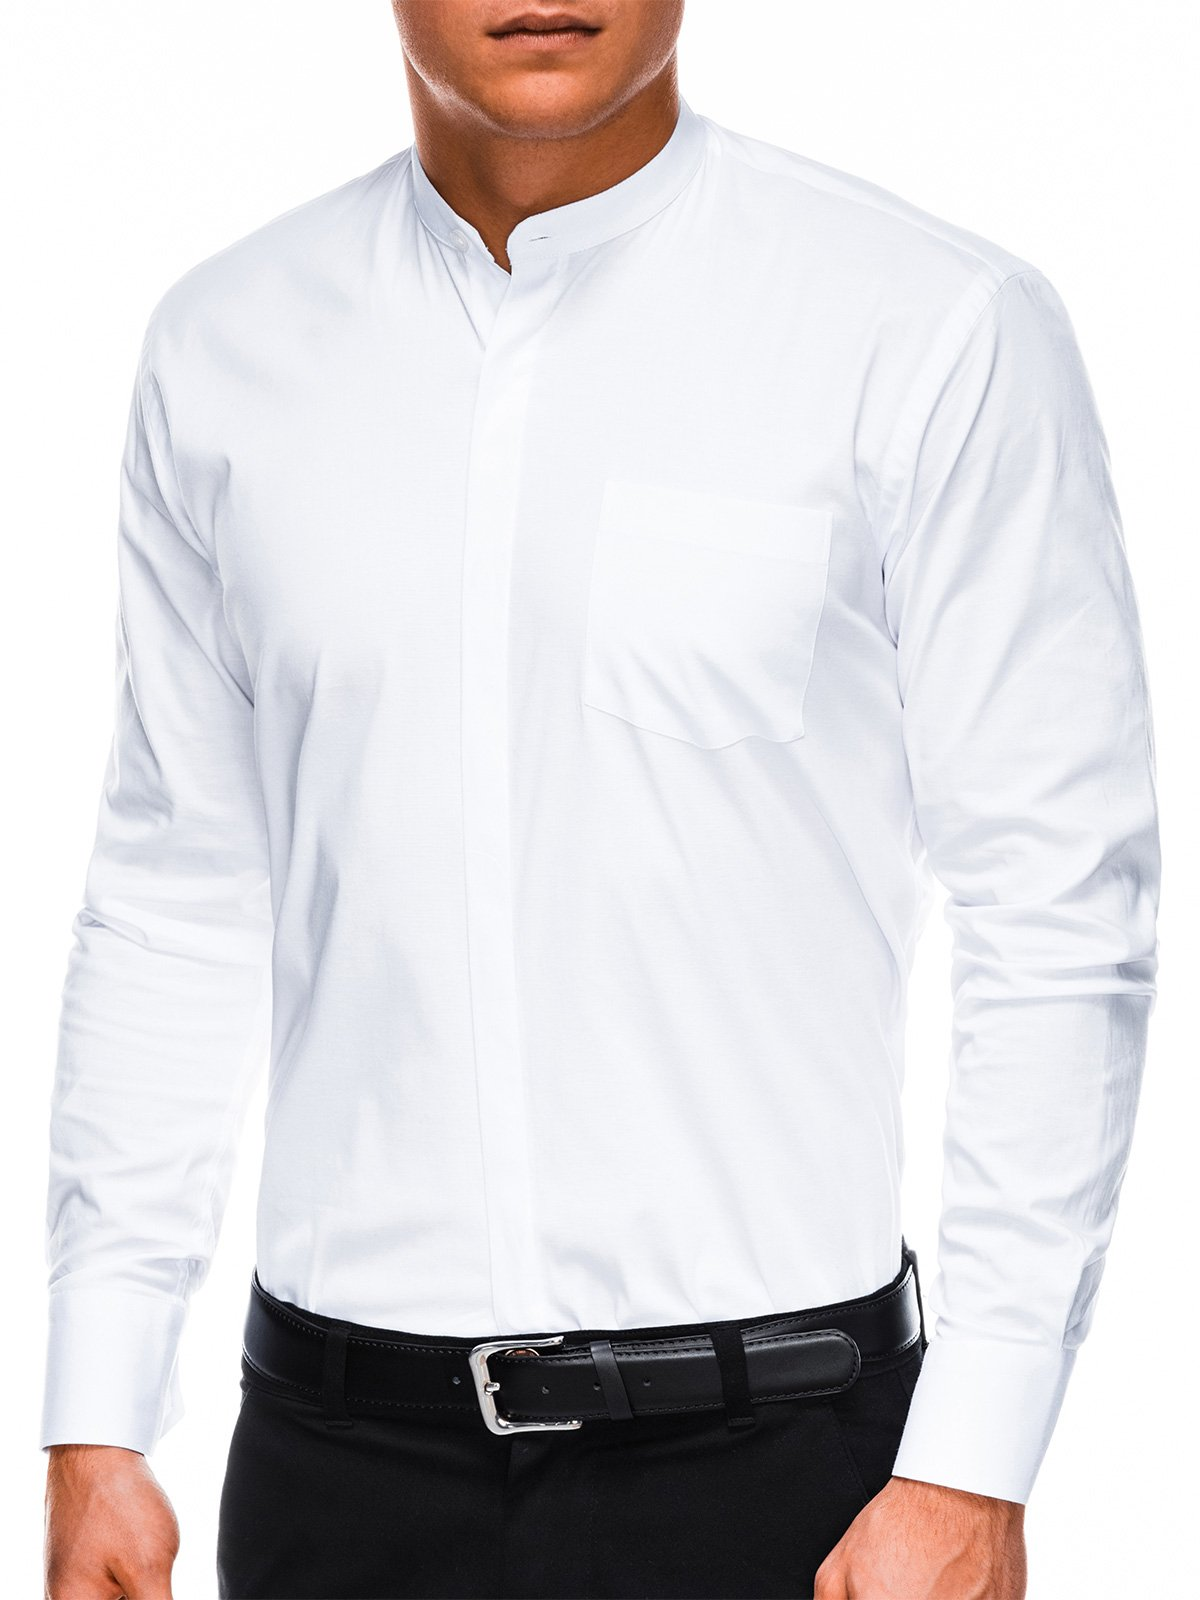 Koszula męska elegancka z długim rękawem K307 biała